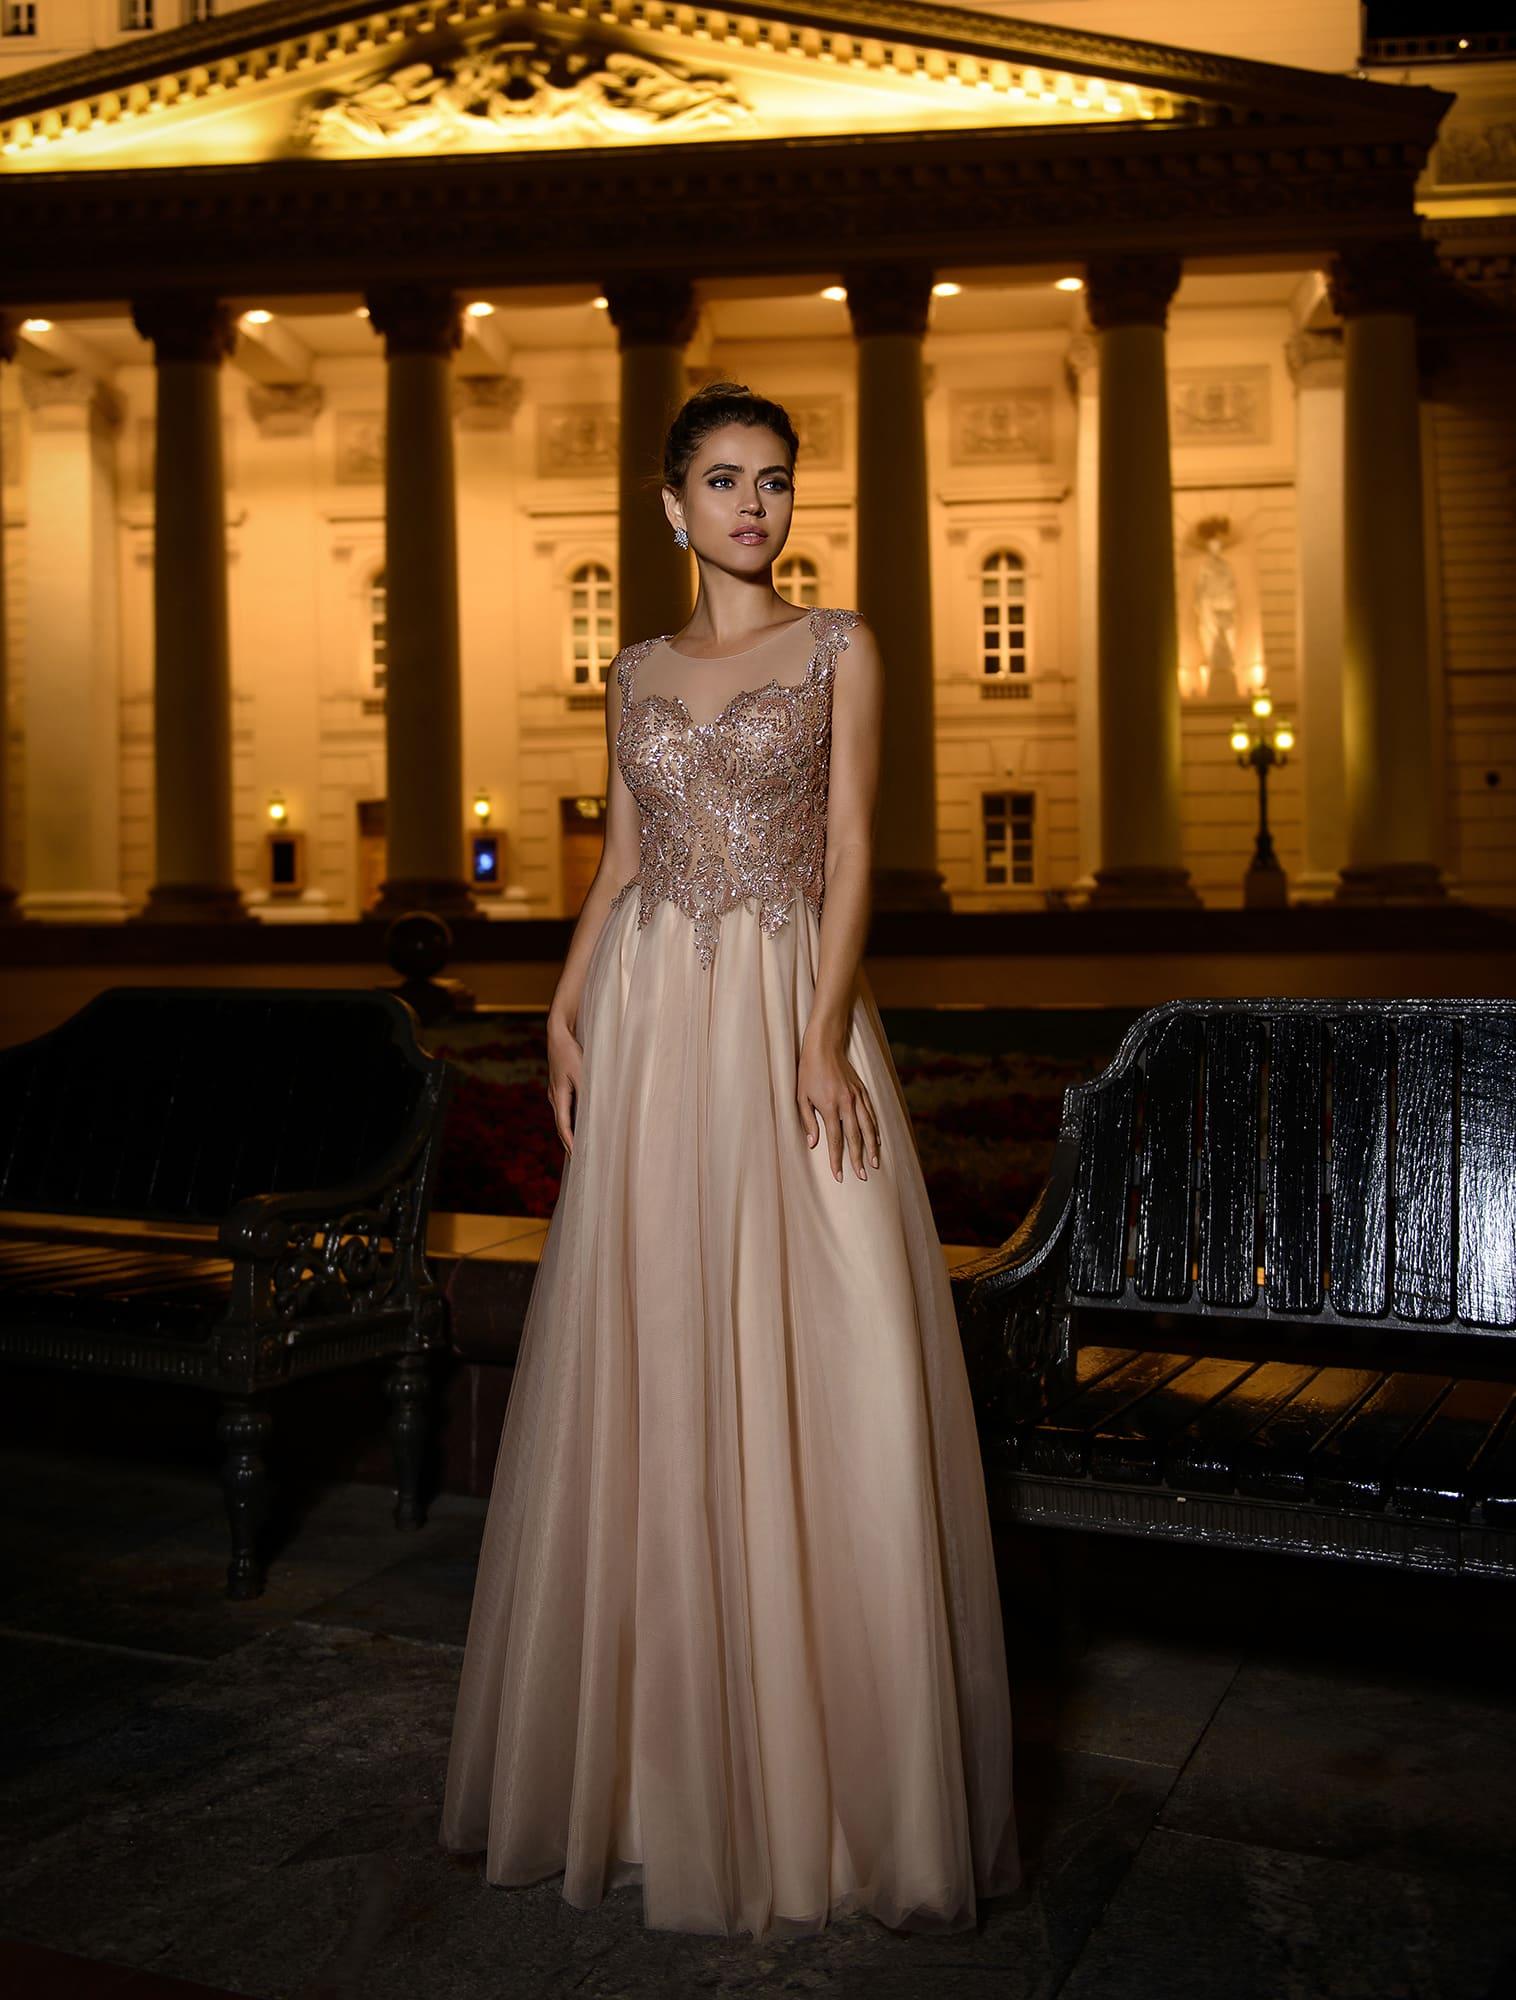 f859dd56524ad7e Вечернее платье Prestige VV108 ▷ Свадебный Торговый Центр Вега в Москве